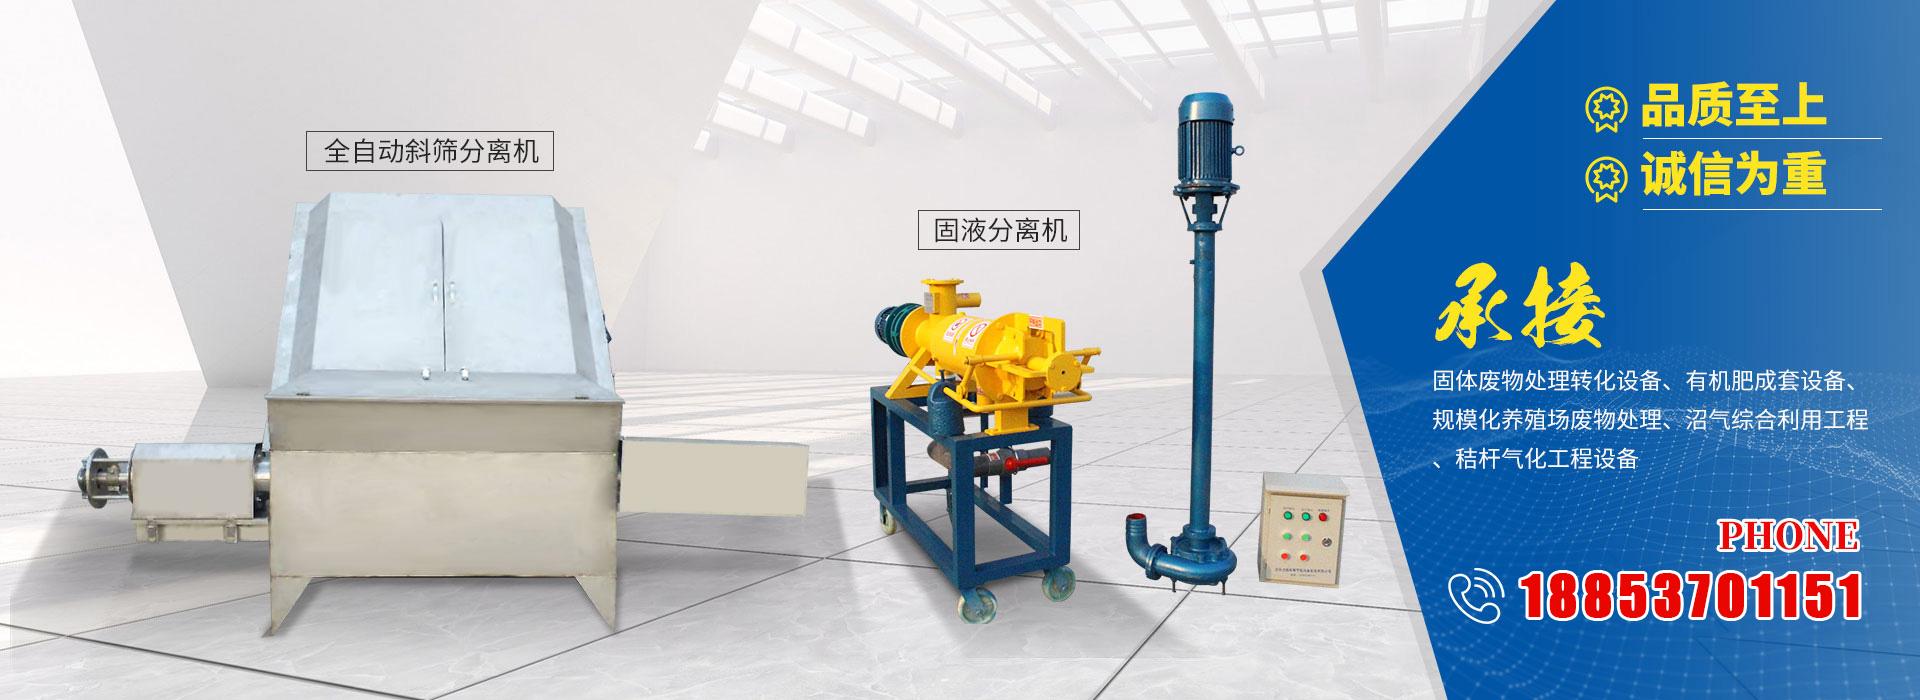 济宁市力扬环保节能设备制造有限公司